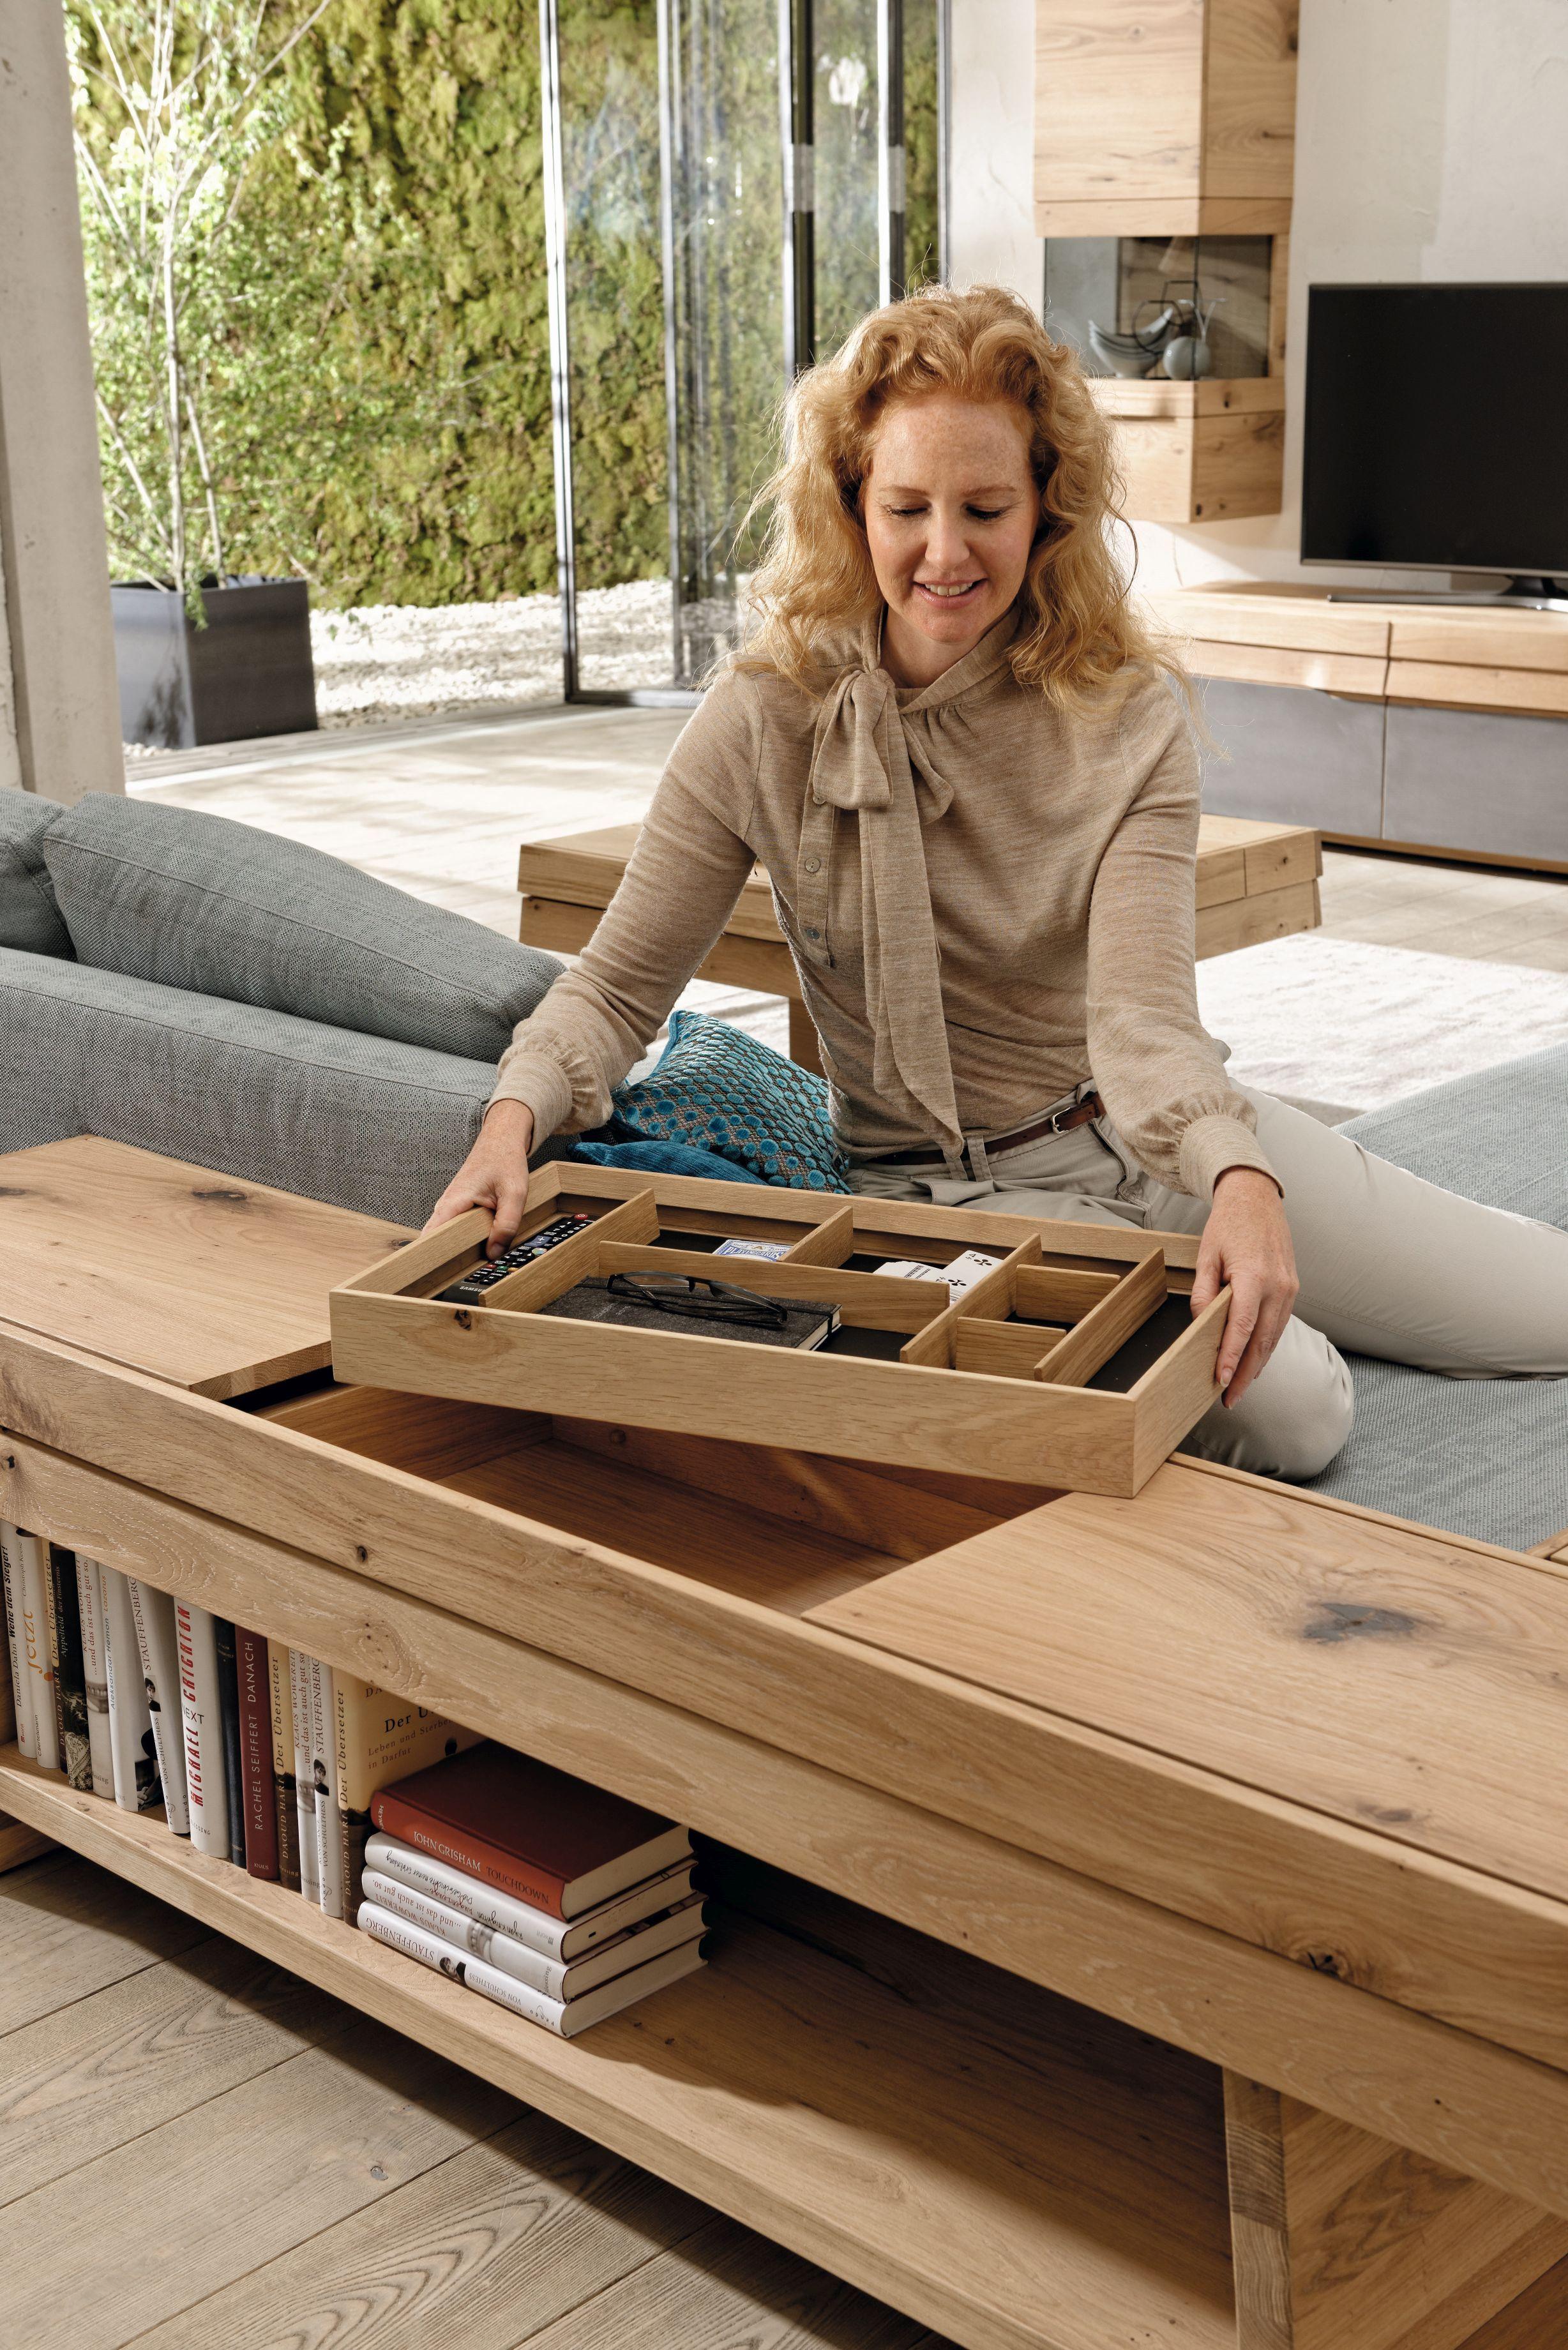 Voglauer V Organo Wohnen Design Kiste De Voglauer Wohnen Wohn Design